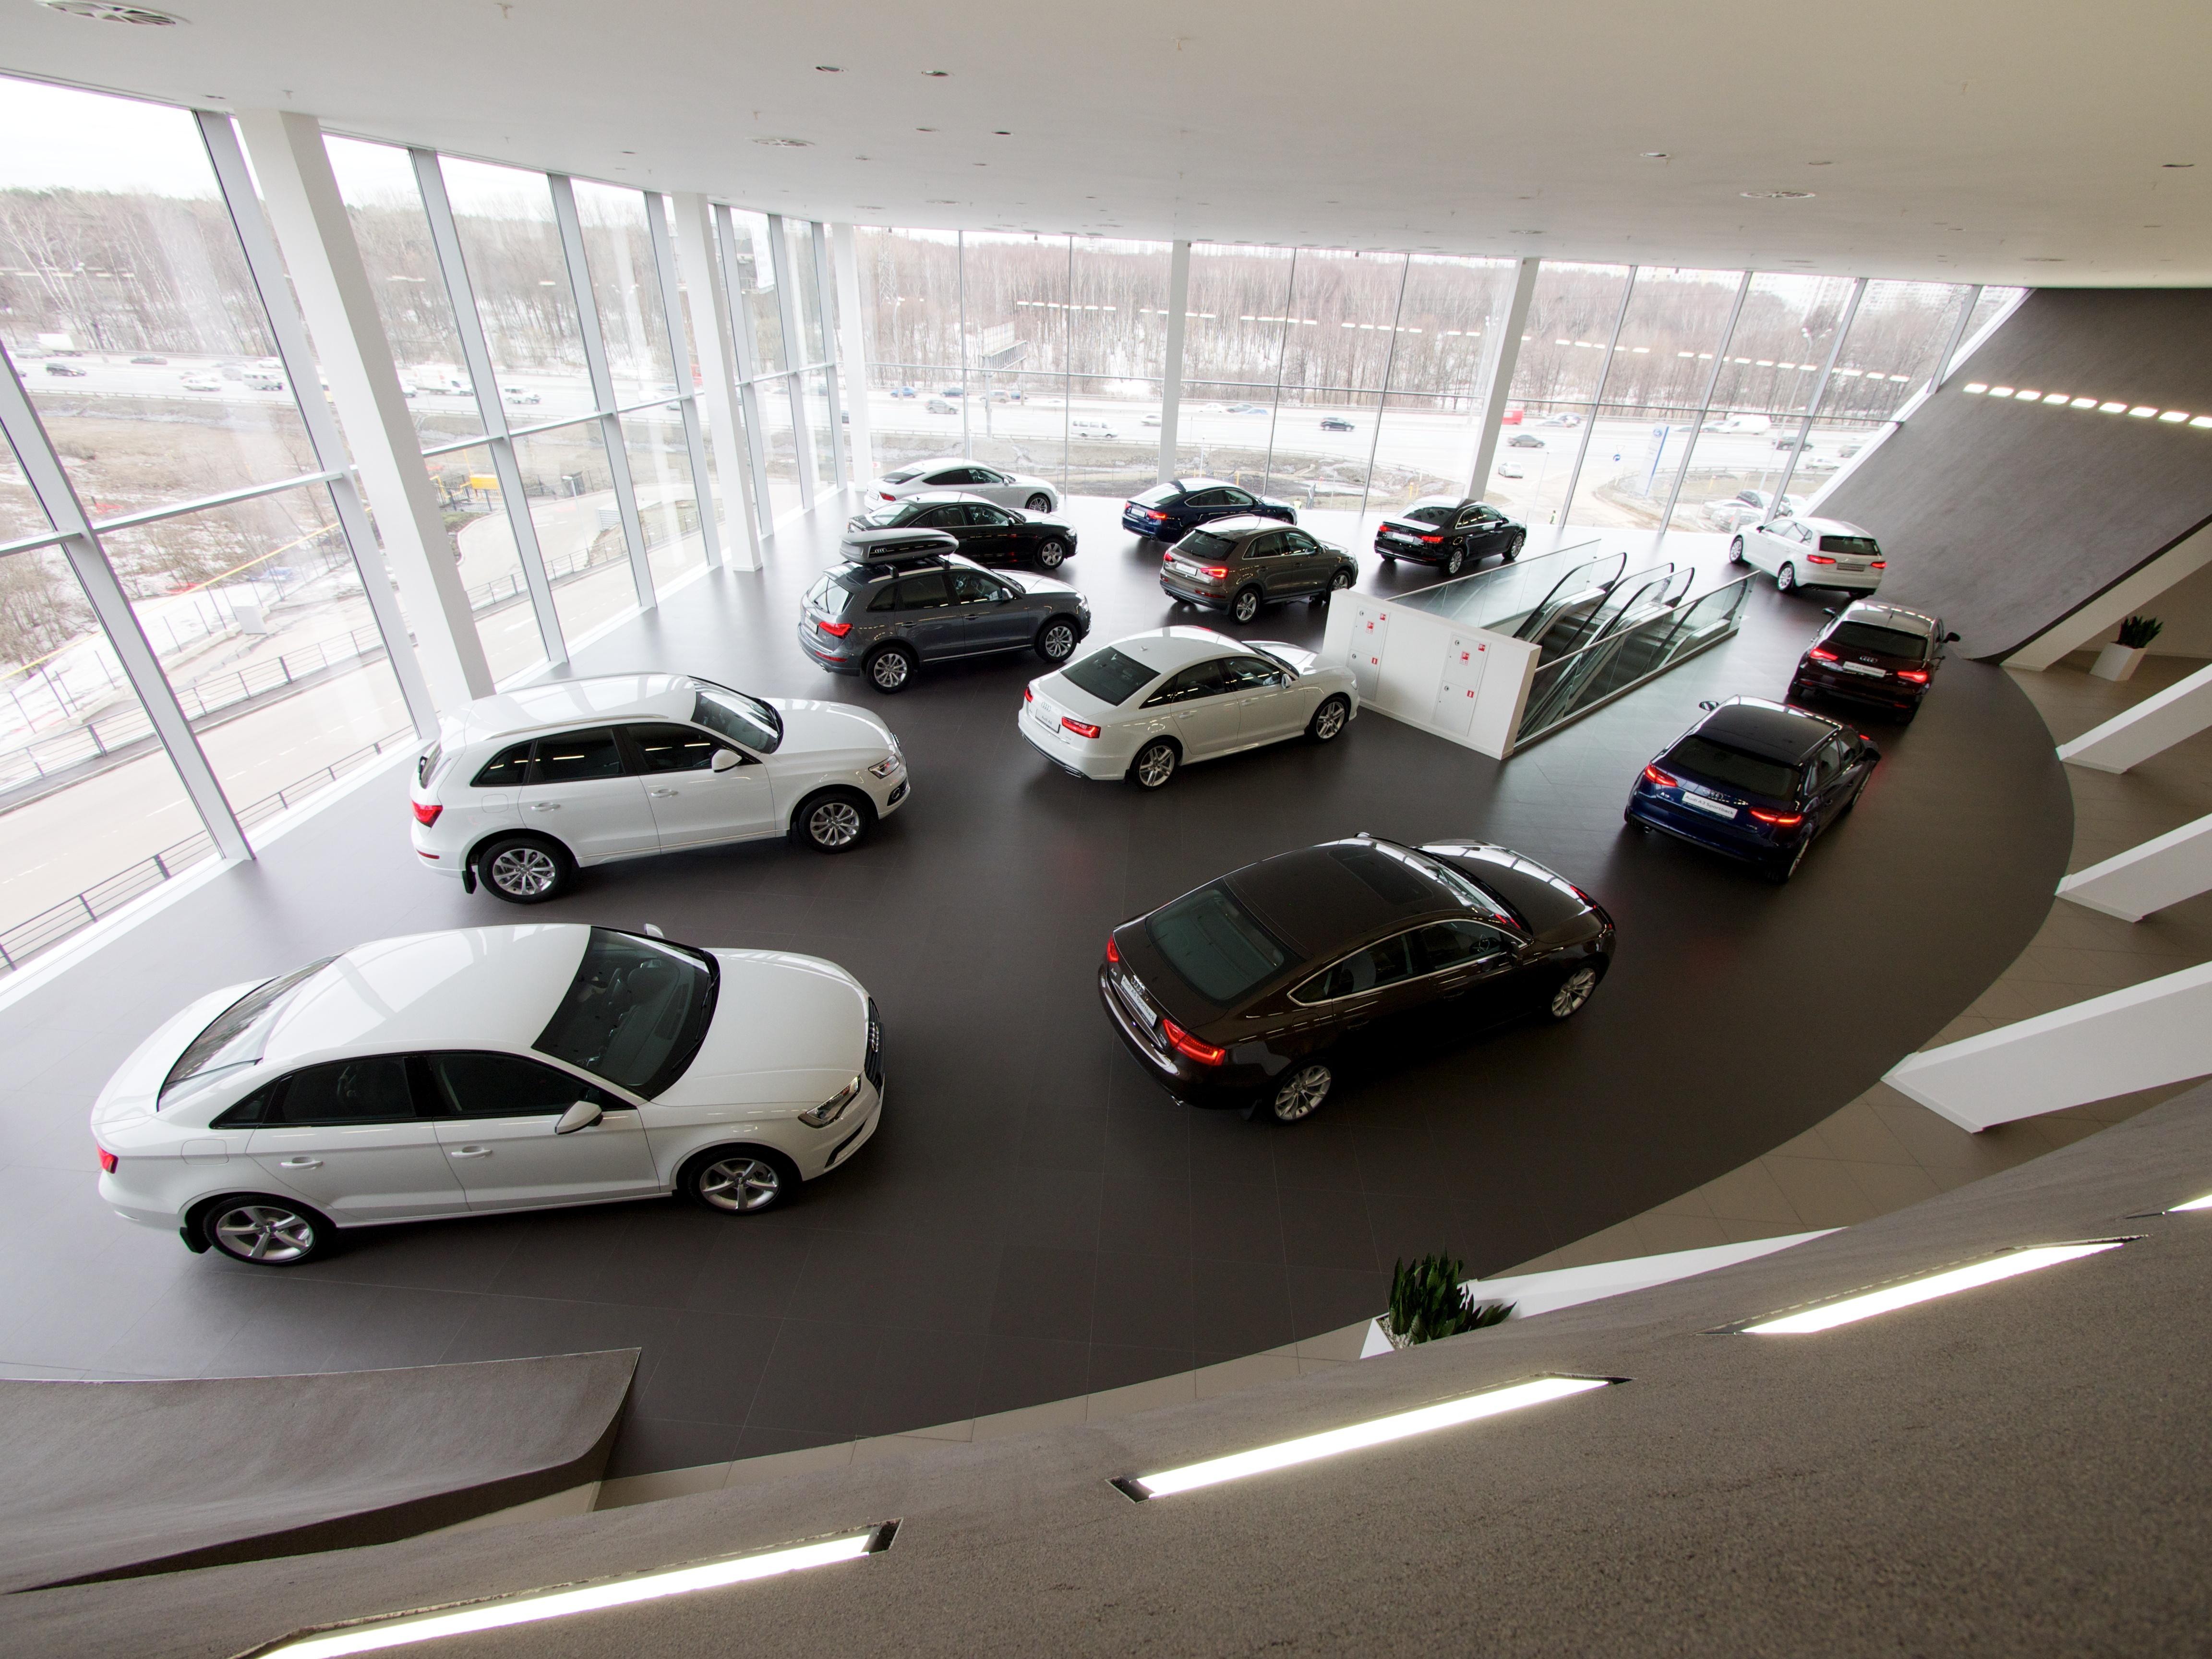 В Москве открылся крупнейший в Европе дилерский центр Audi - Колеса.ру 48e6ec4ae11